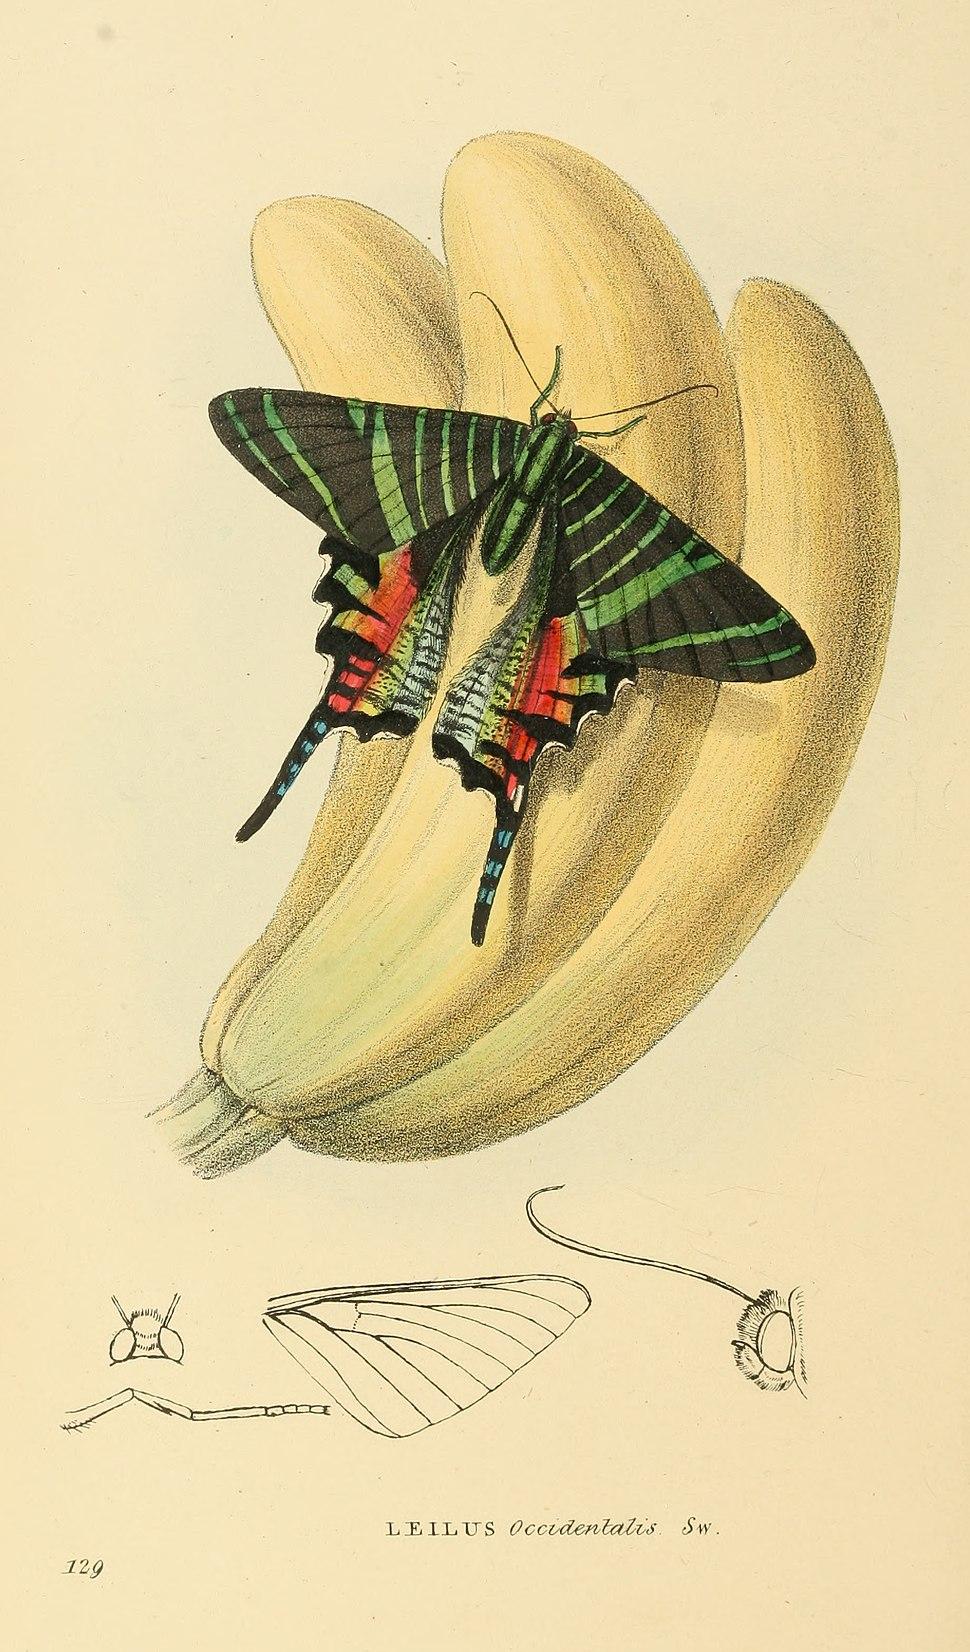 Zoological Illustrations Volume III Series 2 129